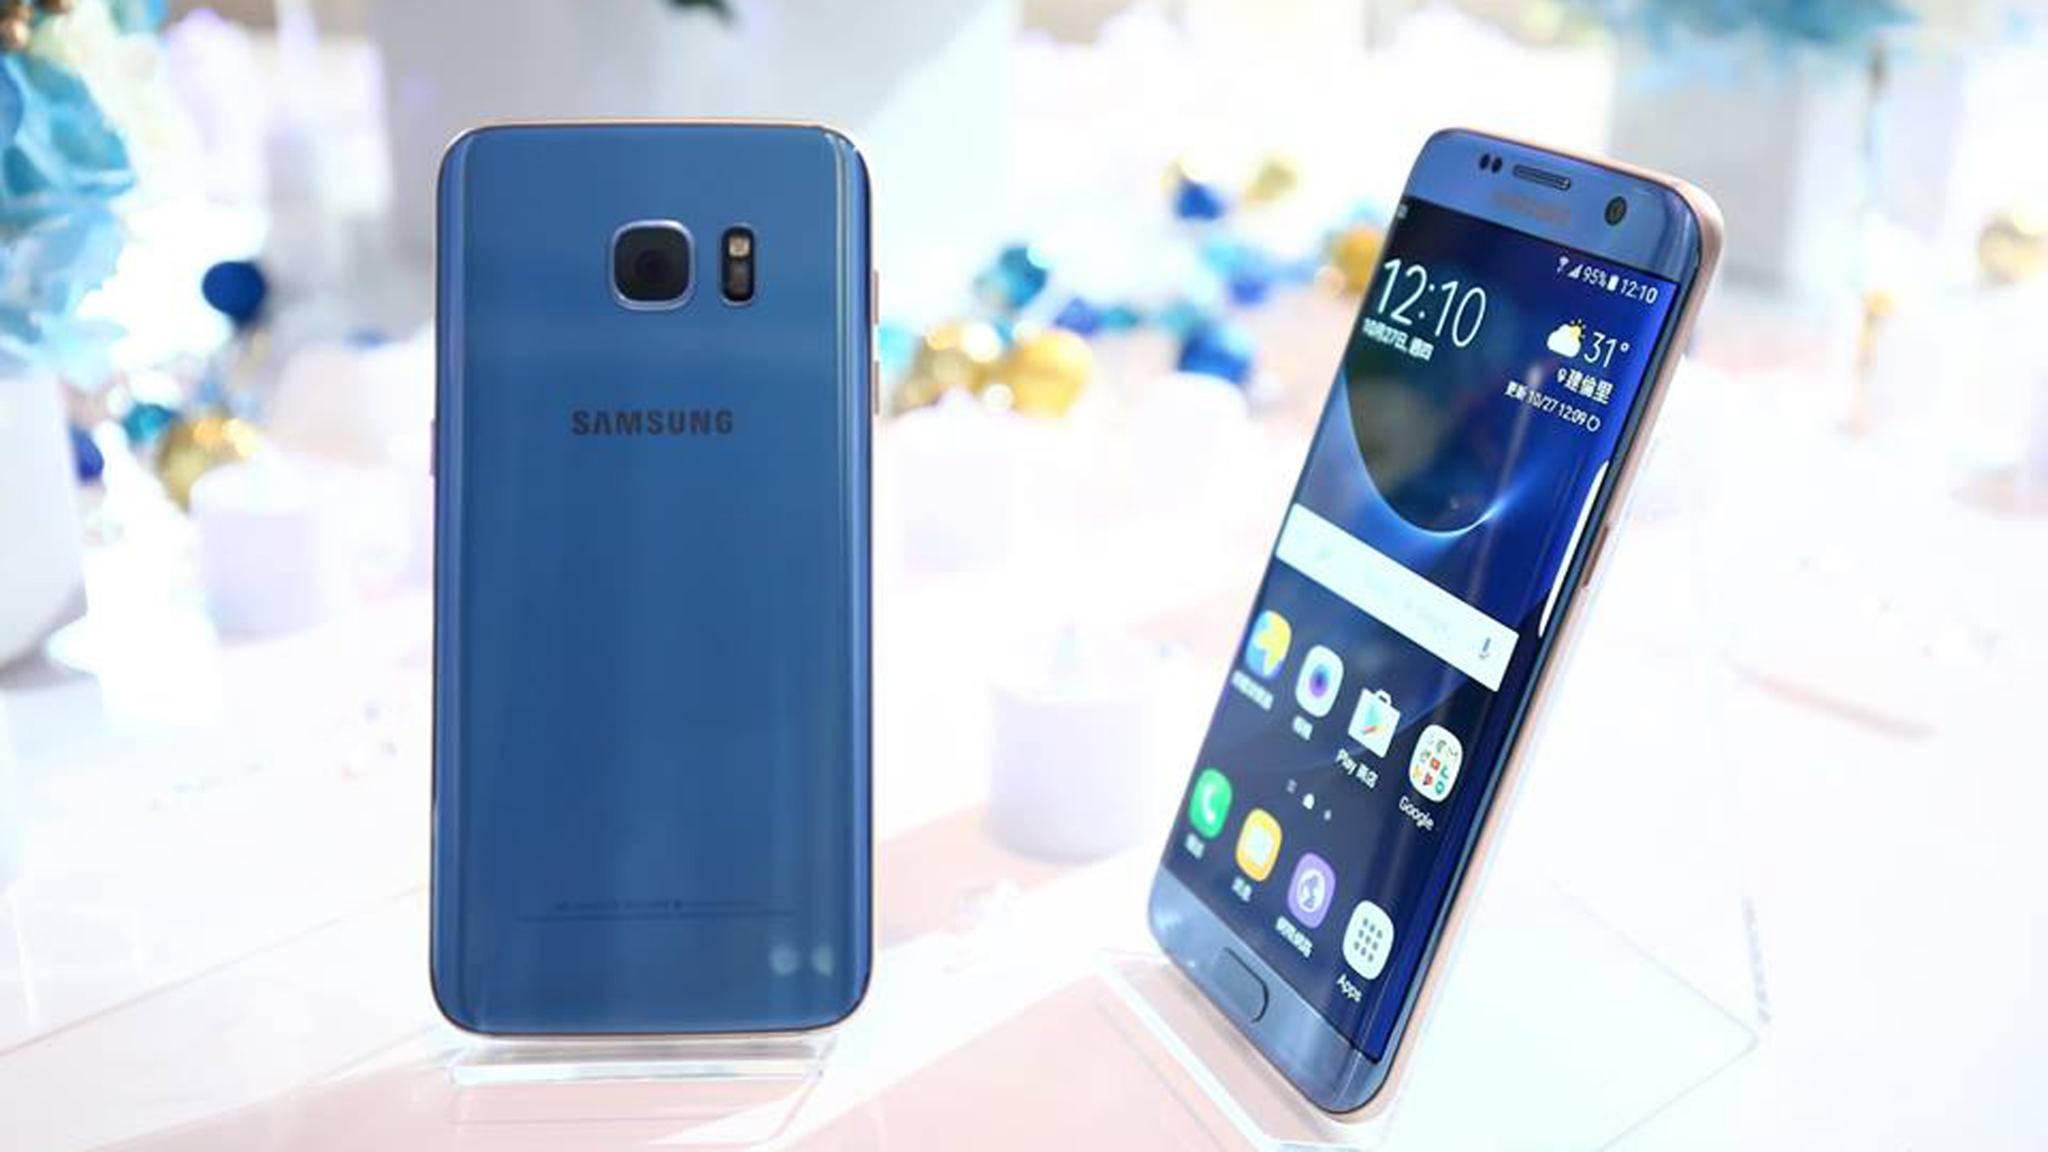 Das Samsung Galaxy S7 Edge in Blue Coral soll neue Kunden ansprechen.